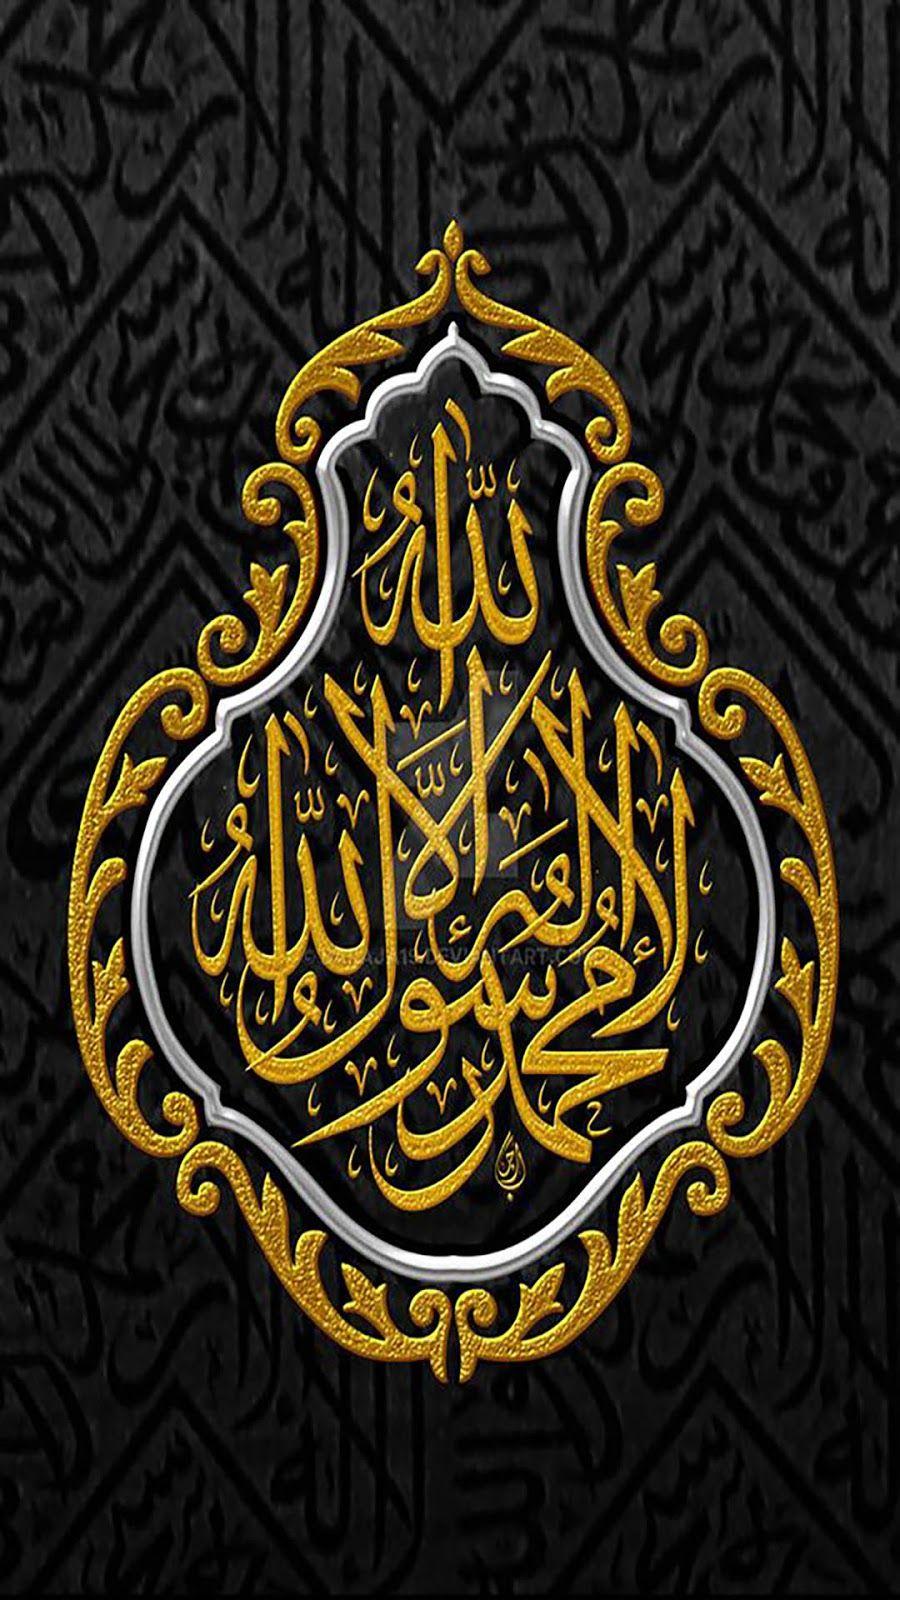 Kaligrafi Seni Kaligrafi Arab Seni Arab Kaligrafi Islam